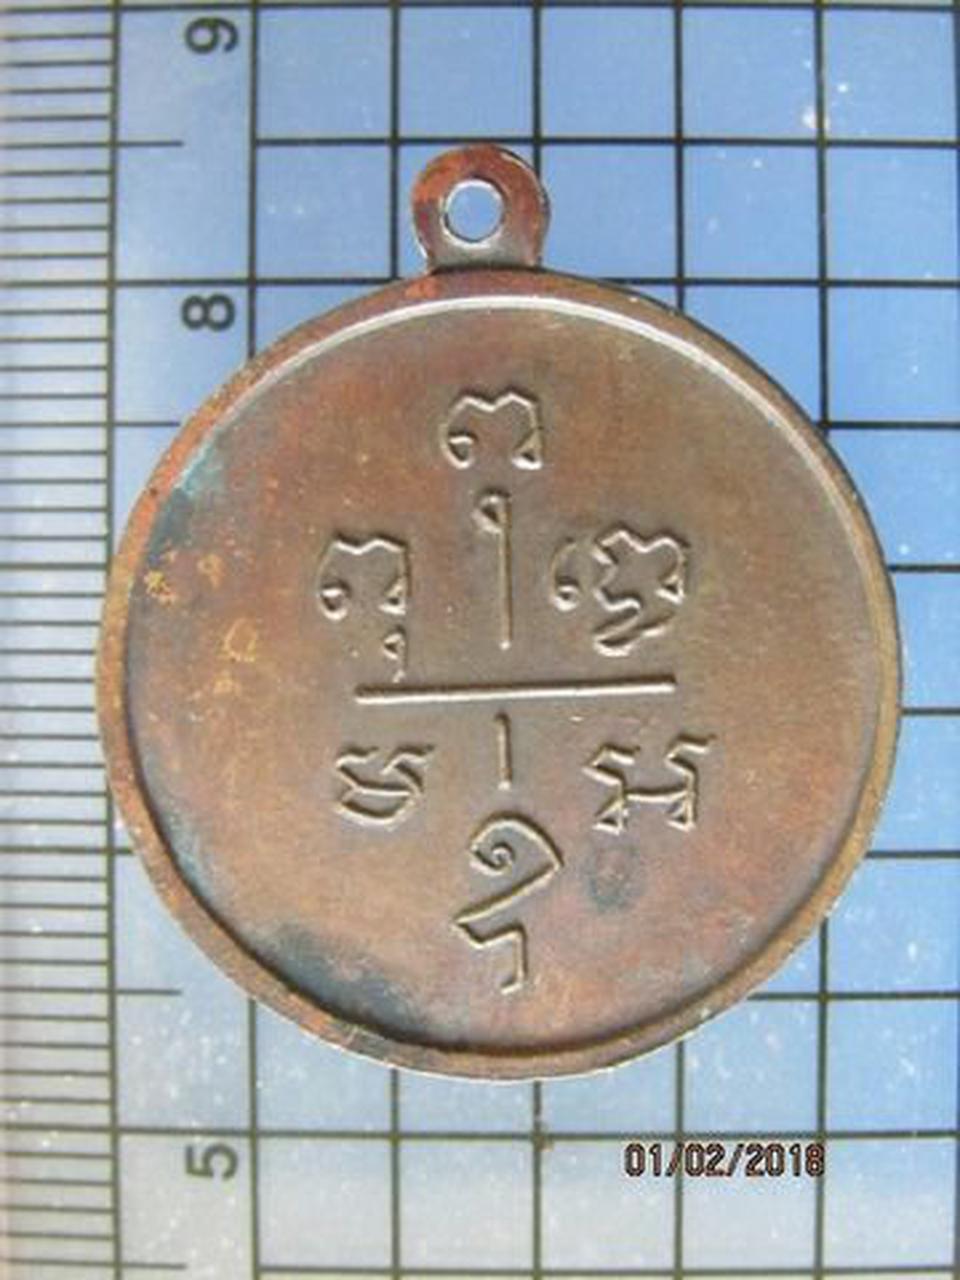 123 เหรียญหลวงพ่อเปี่ยม วัดเกาะหลัก เนื้อทองแดง ปี 2519 เหรี รูปที่ 1